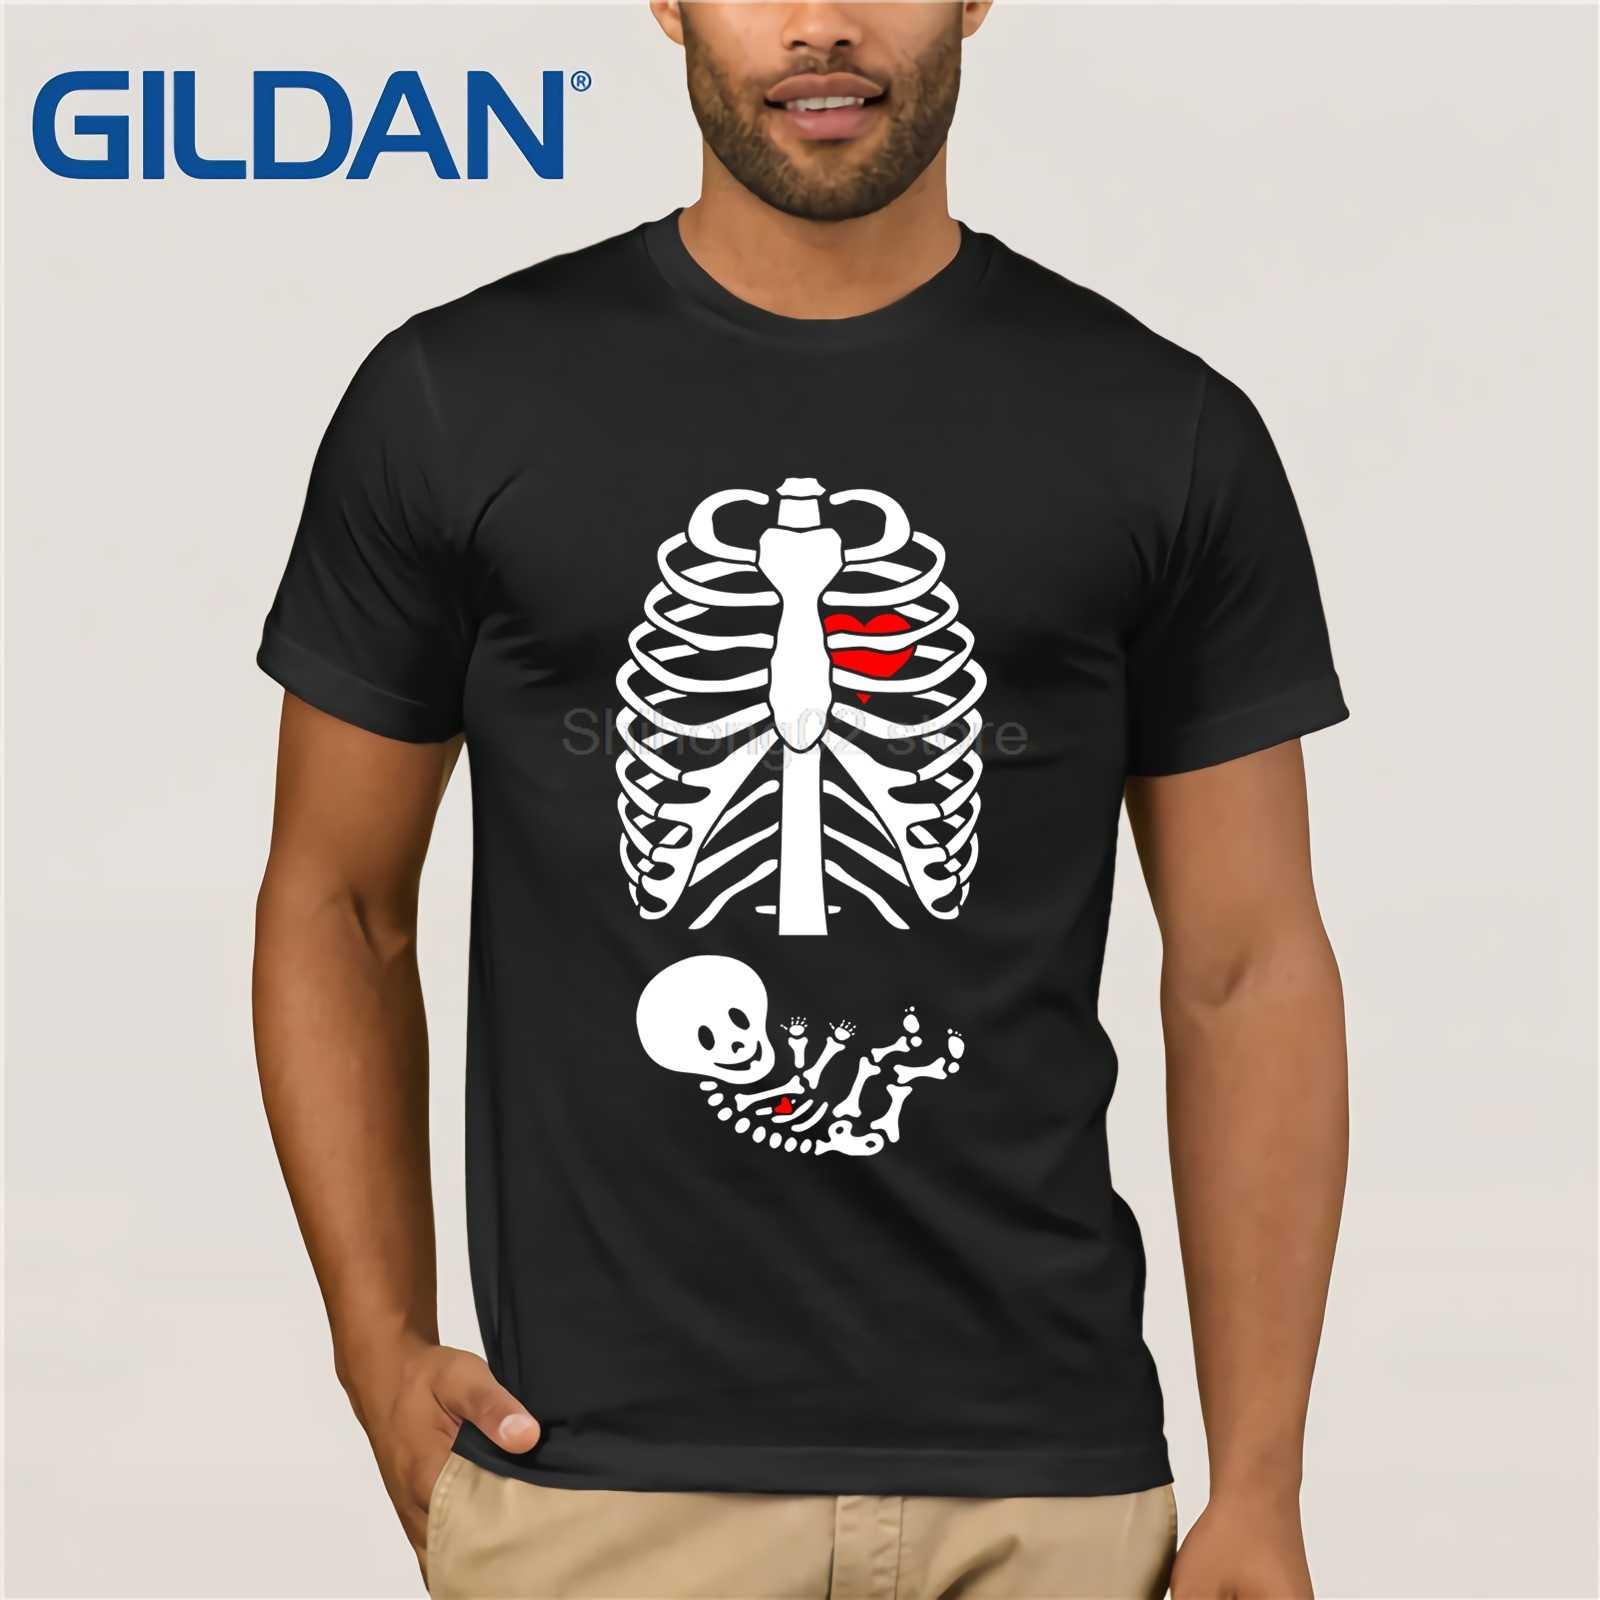 Halloween Pregnancy Announcement Shirt.Gildan Mens Halloween Pregnancy Announcement Baby Boy Skeleton Shirt Men S T Shirt